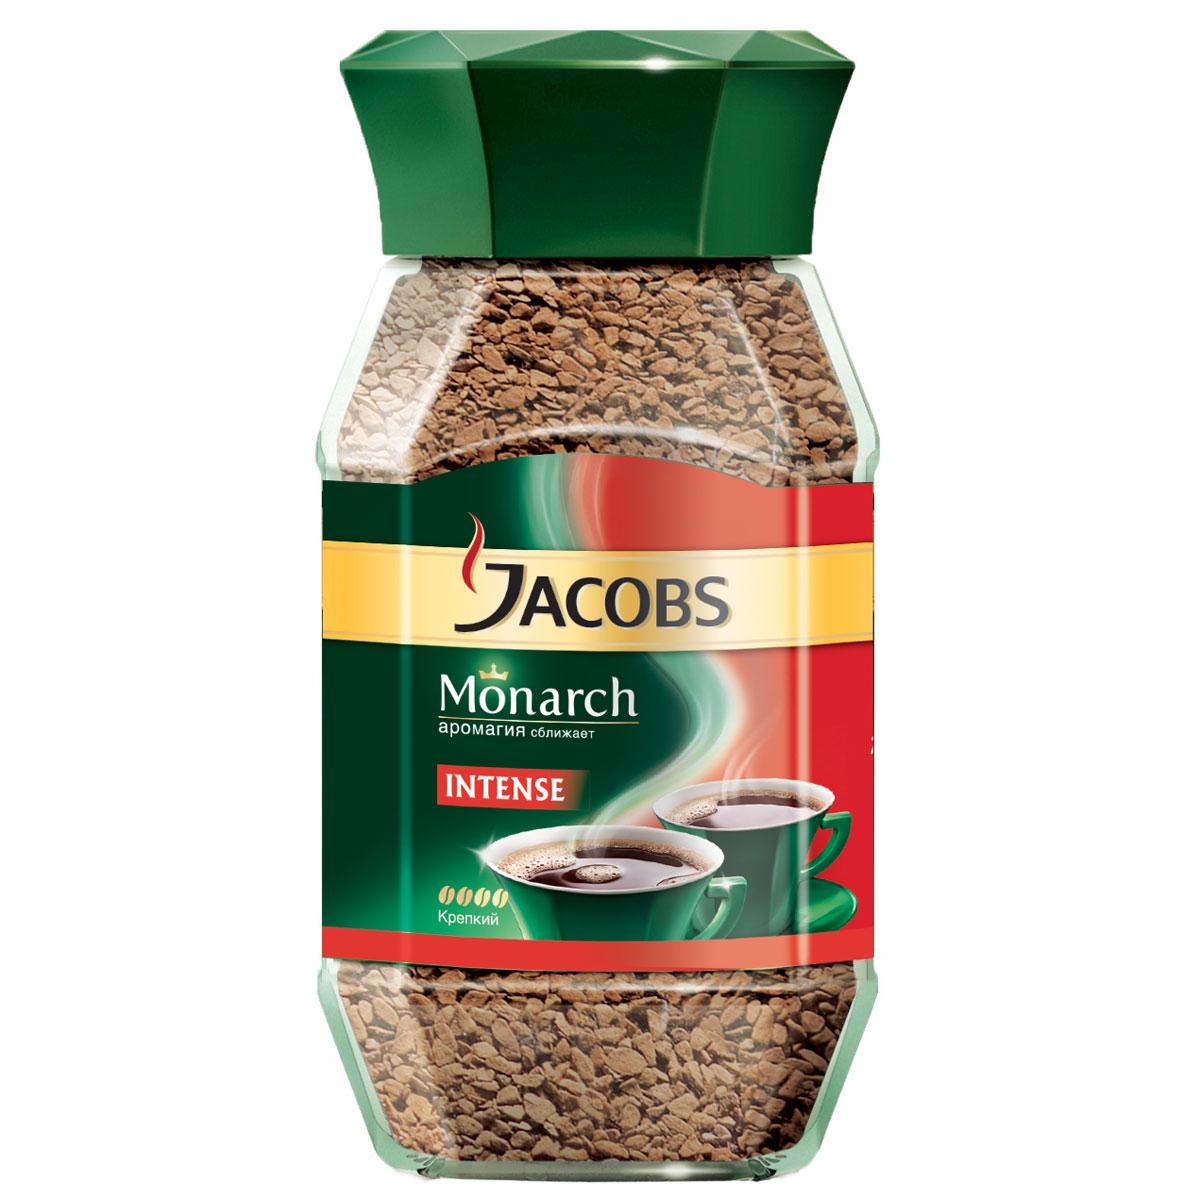 Jacobs Monarch Intense кофе растворимый, 95 г0120710Jacobs Monarch Intense обладает наиболее крепким вкусом и притягательным ароматом в линейке Jacobs Monarch благодаря глубокой обжарке тщательно отобранных кофейных зерен. Приготовите кофе Jacobs Monarch Intense для себя и своих близких и почувствуйте, как его Аромагия заполняет все вокруг, создавая особую атмосферу теплоты общения.Jacobs Monarch. Аромагия сближает!